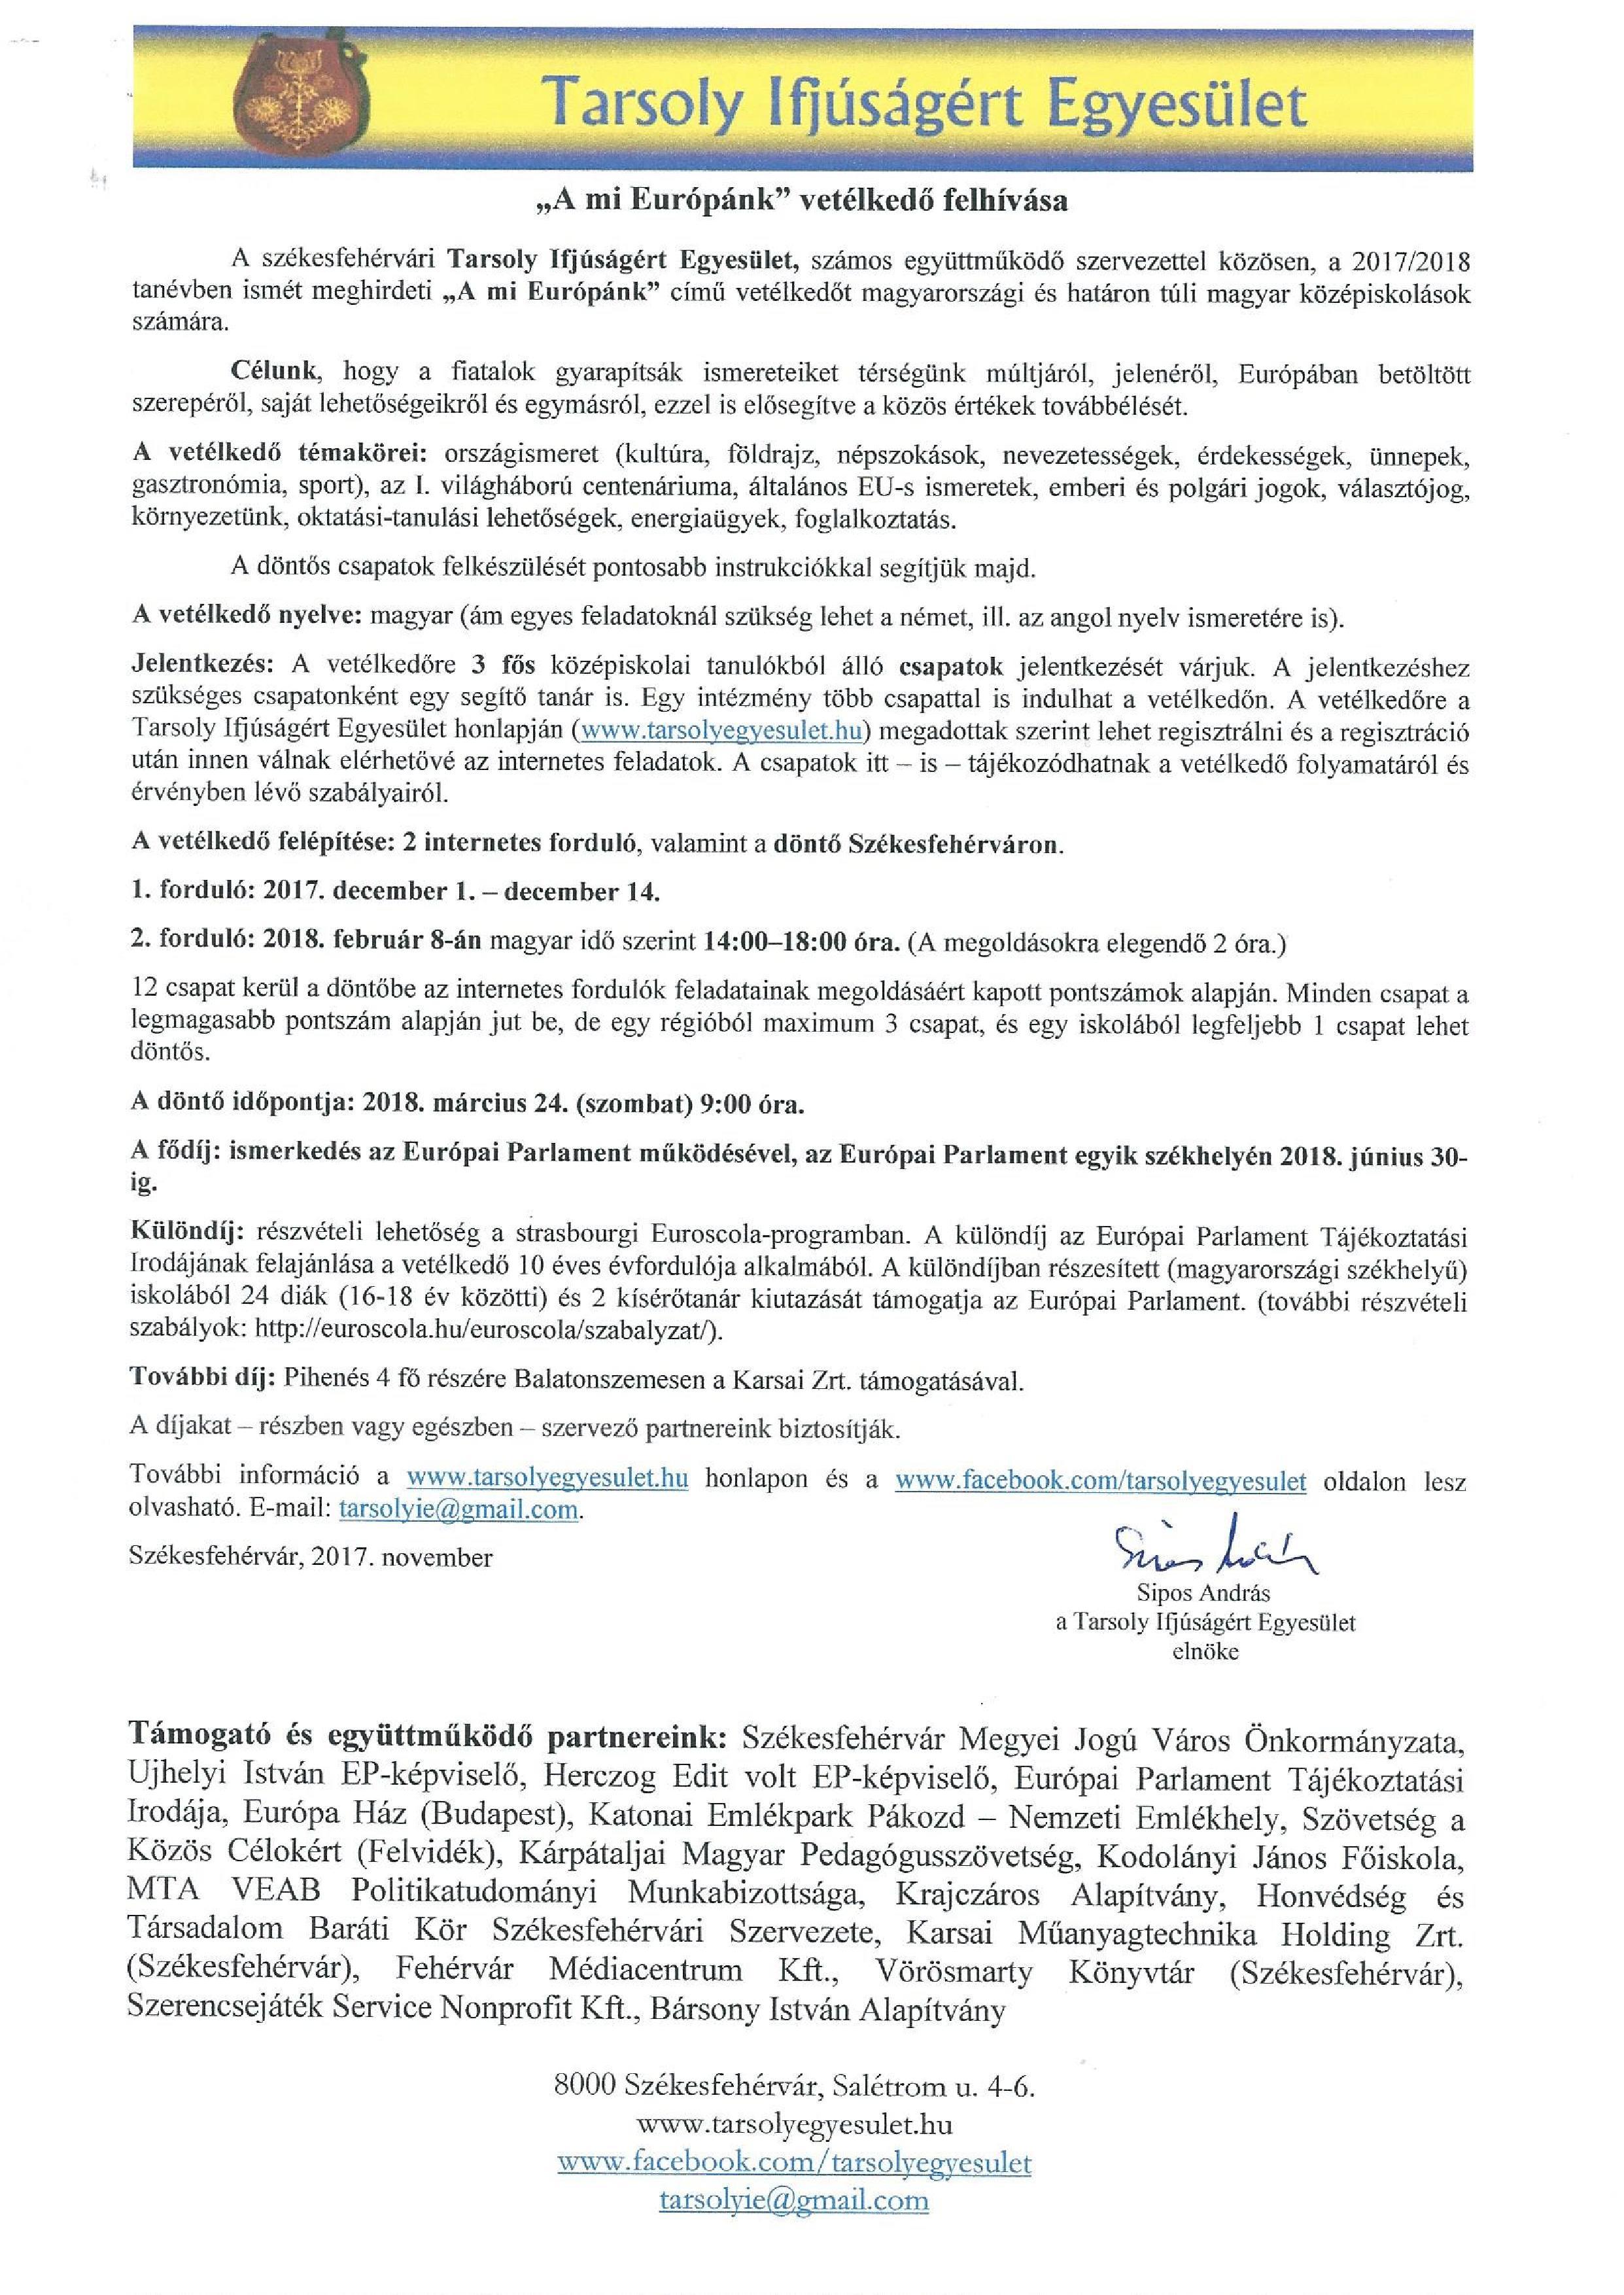 Felhívás 2017 11 24 - Tarsoly Ifjúságért Egyesület-page-001